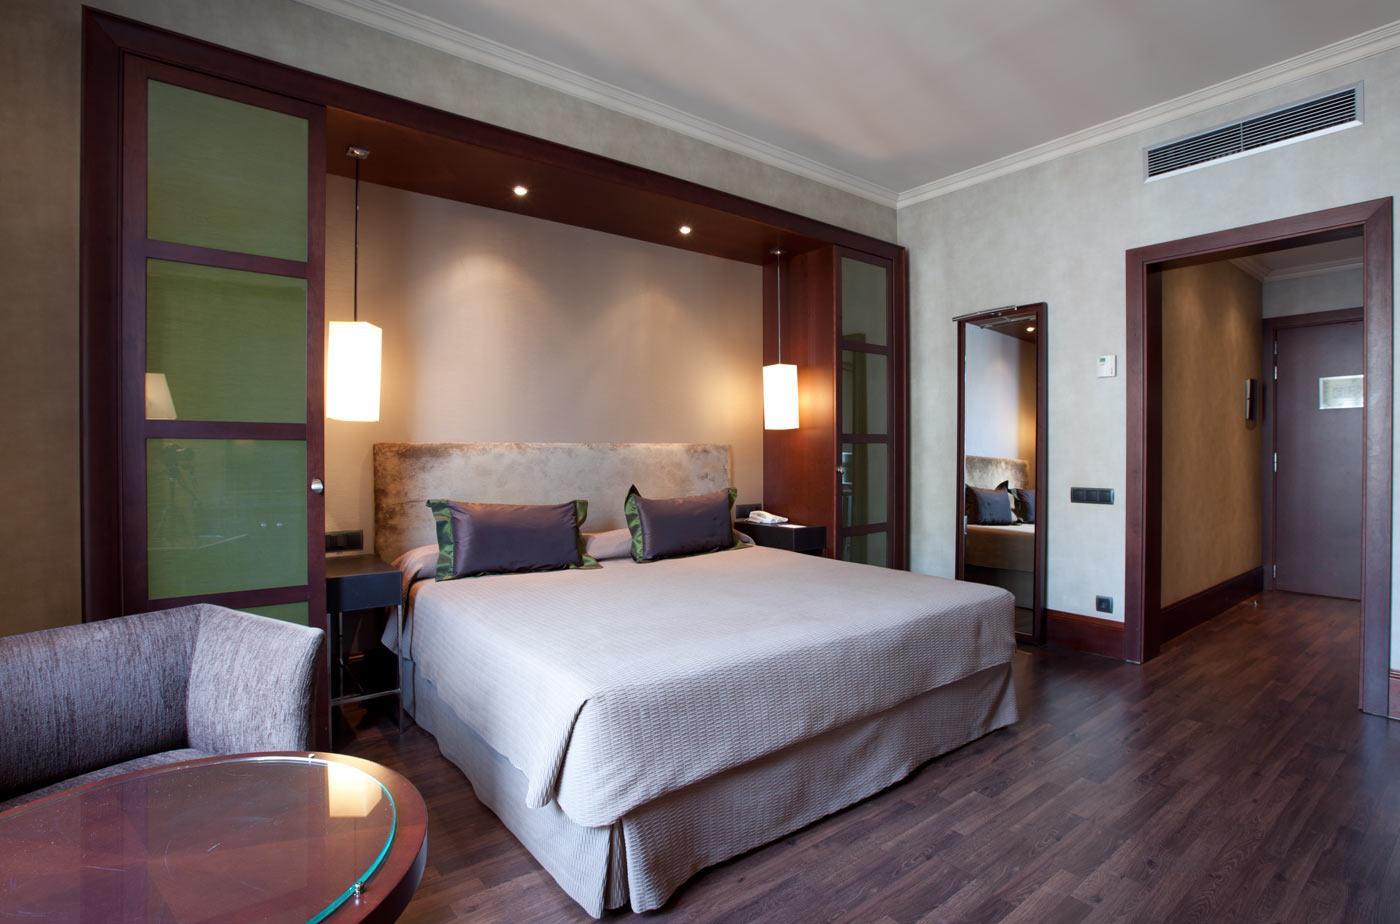 Hotel barcelona center barat simo for Habitacion 73 barcelona